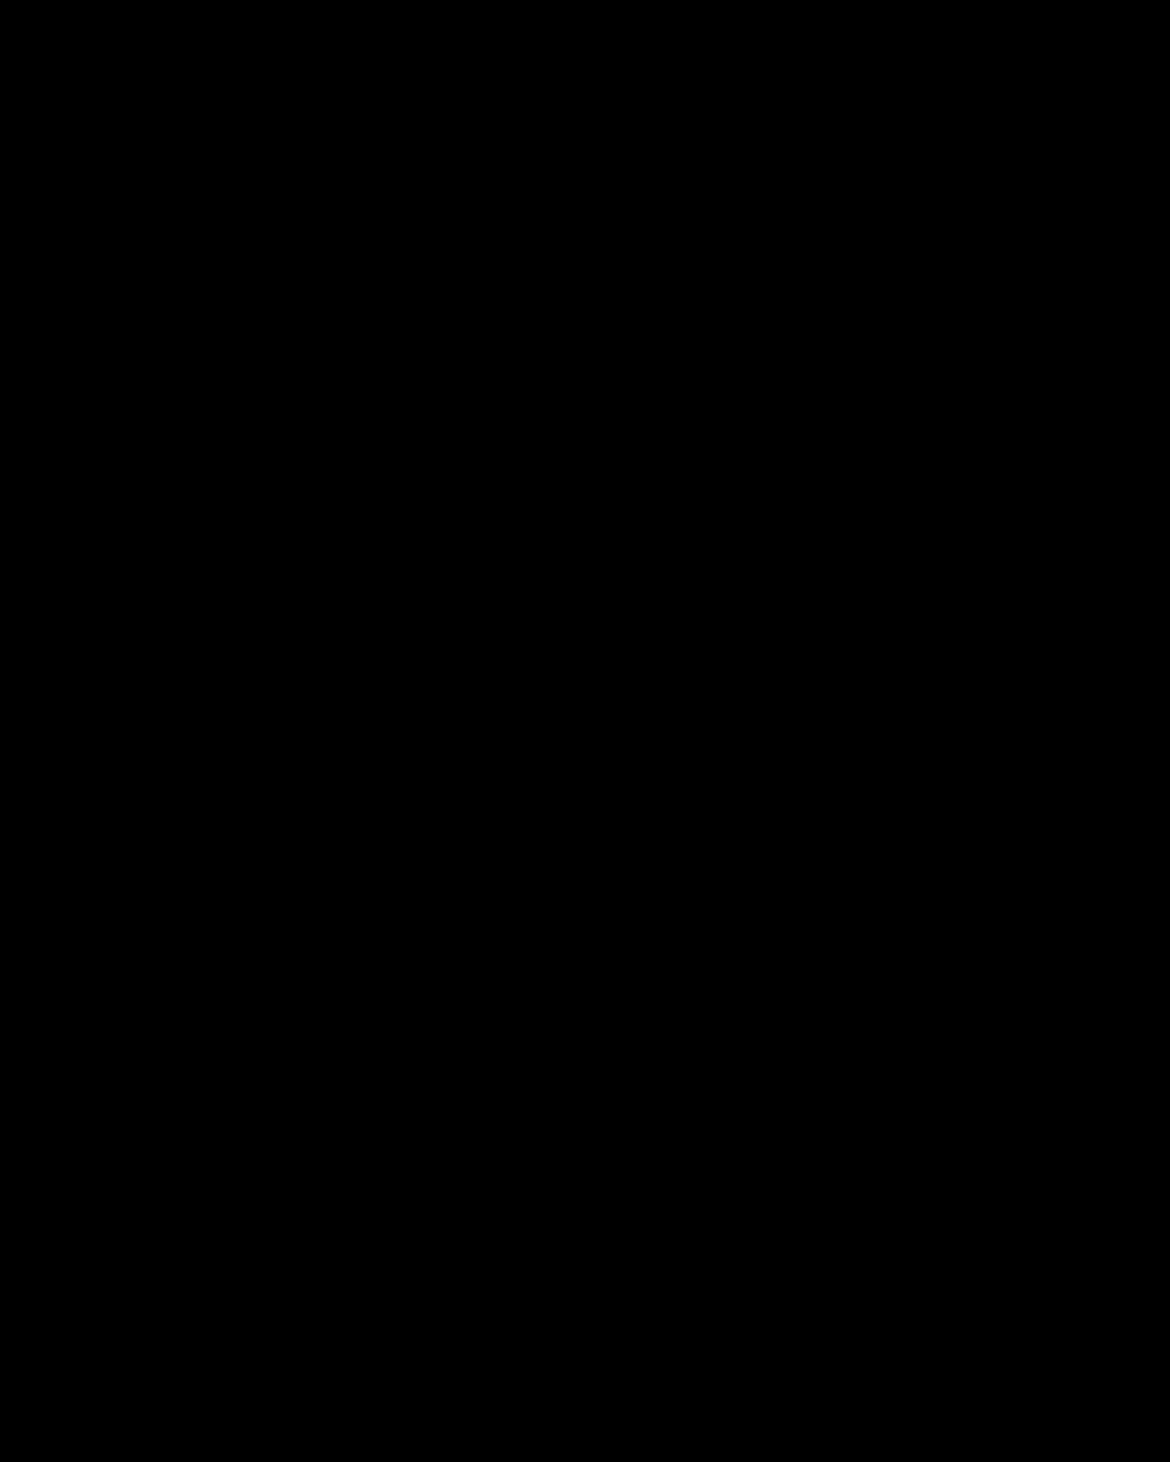 Una settimana in Giappone - Il mio itinerario by Laura Comolli - Tokyo Tower